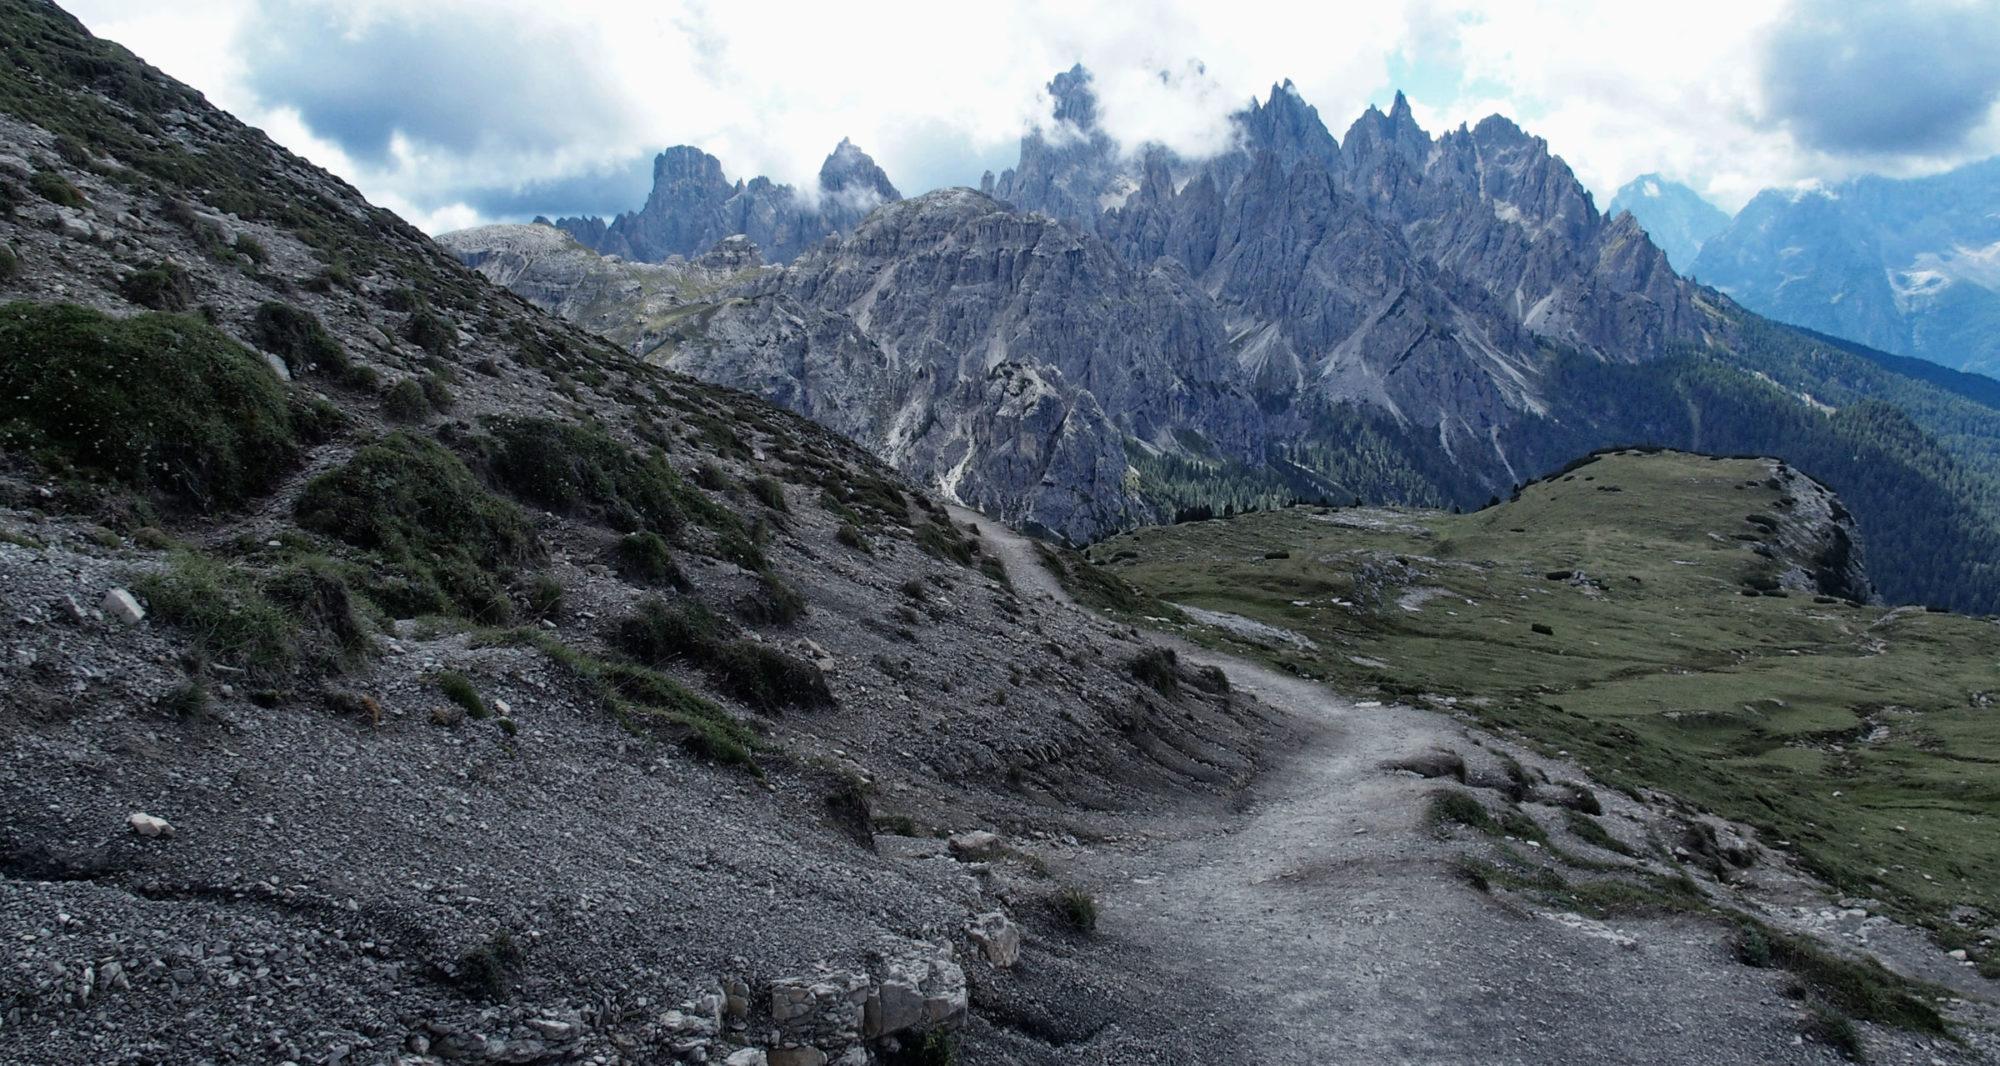 Auf der anderen Seite der Drei Zinnen sind die Berge noch schroffer